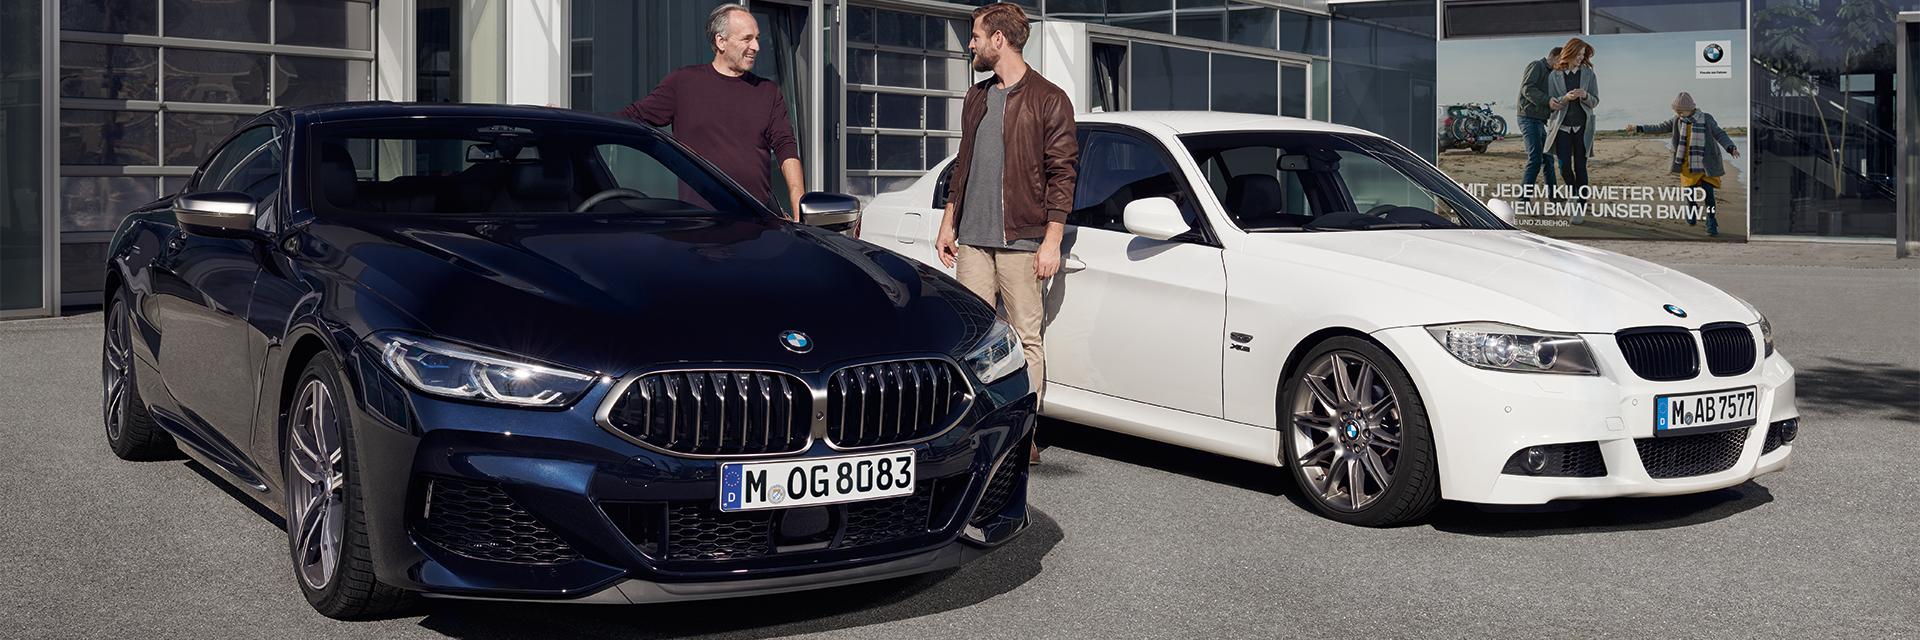 BMW-merkkihuolto Käyttöautossa